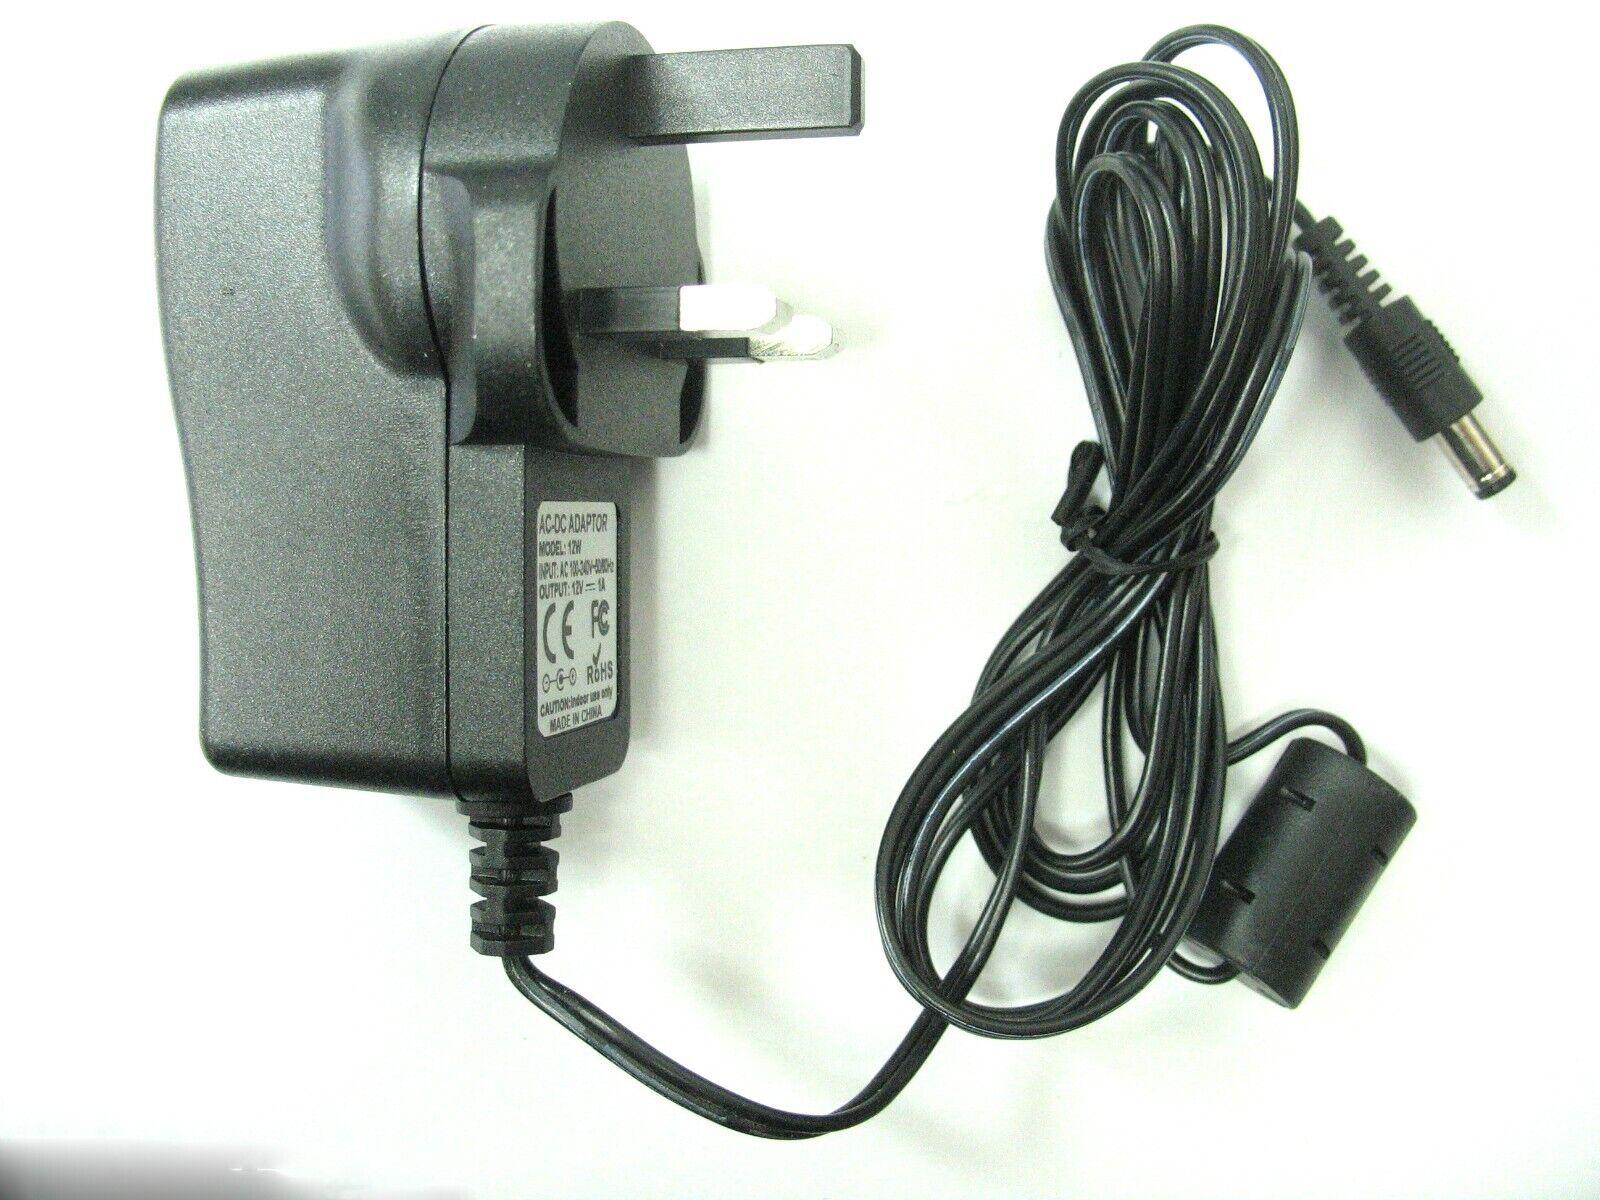 1 amp 12 volt AC-DC Mains Regulated Power Adaptor/Supply/Charger (12 watt)